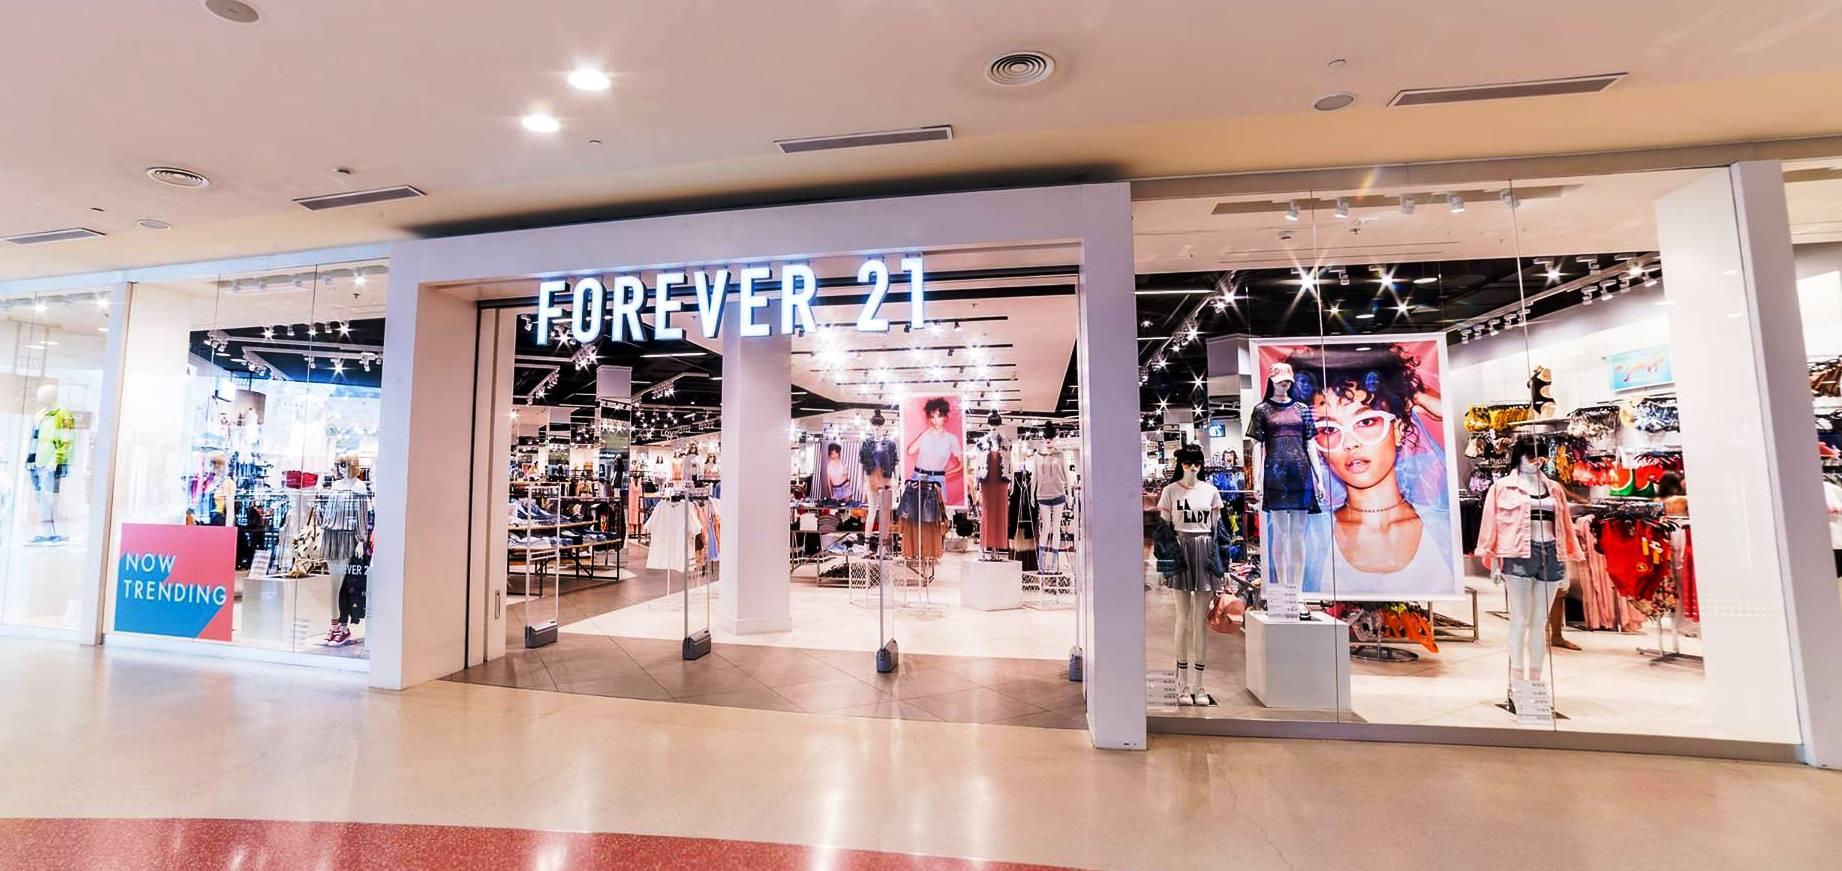 forever 21 madrid 2 - Forever 21 abre tiendas en Estados Unidos y se retira de Irlanda